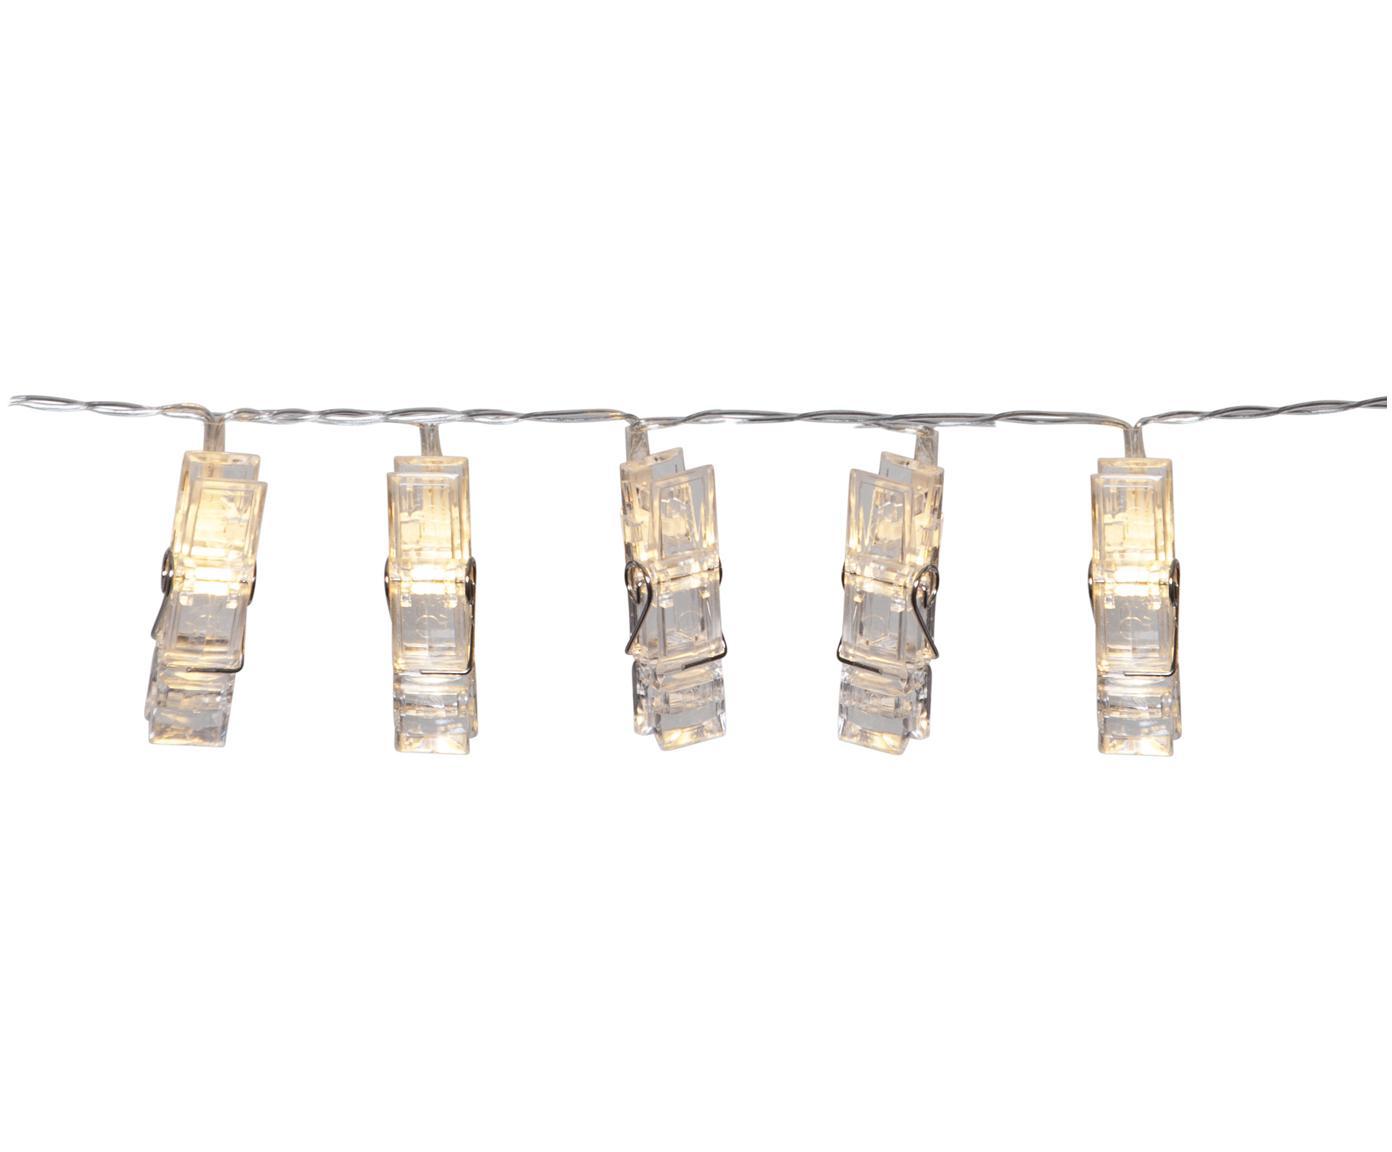 Girlanda świetlna LED Clippy, 135 cm, Tworzywo sztuczne, Transparentny, D 135 cm